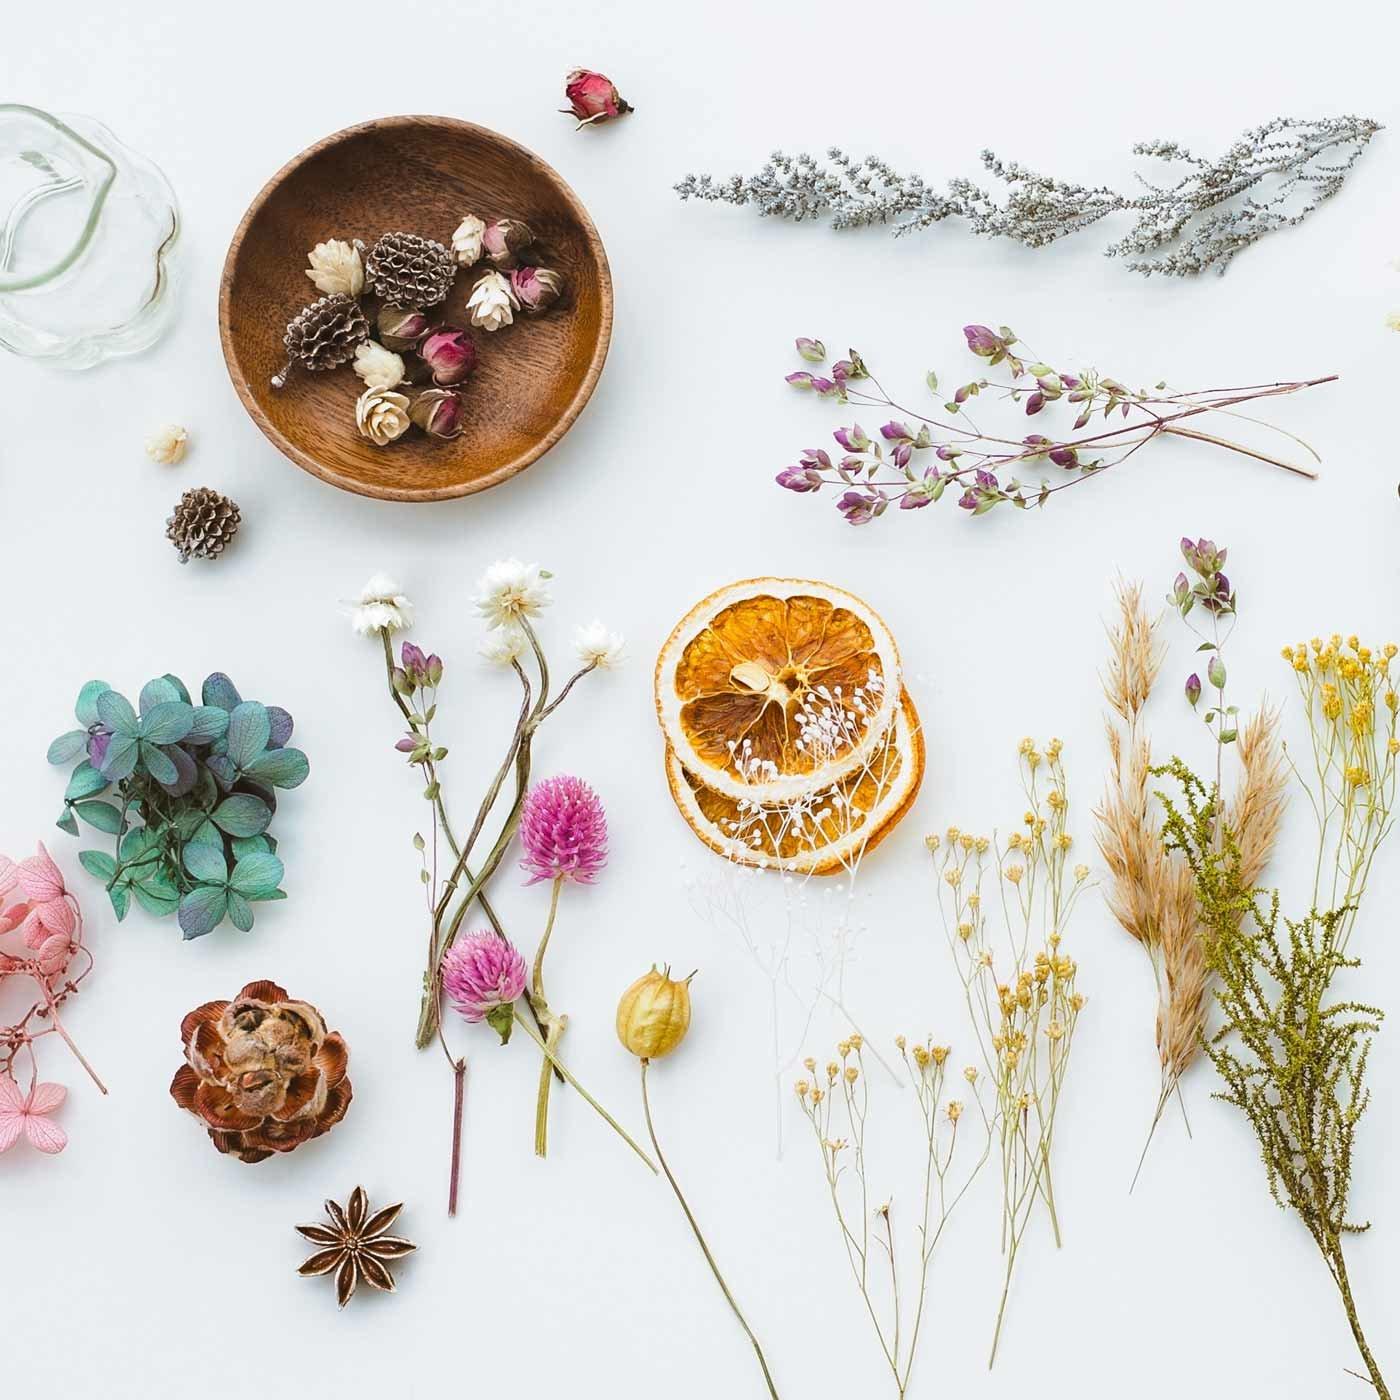 暮らしを彩るお花たち ドライ&プリザーブド アソートコレクションの会